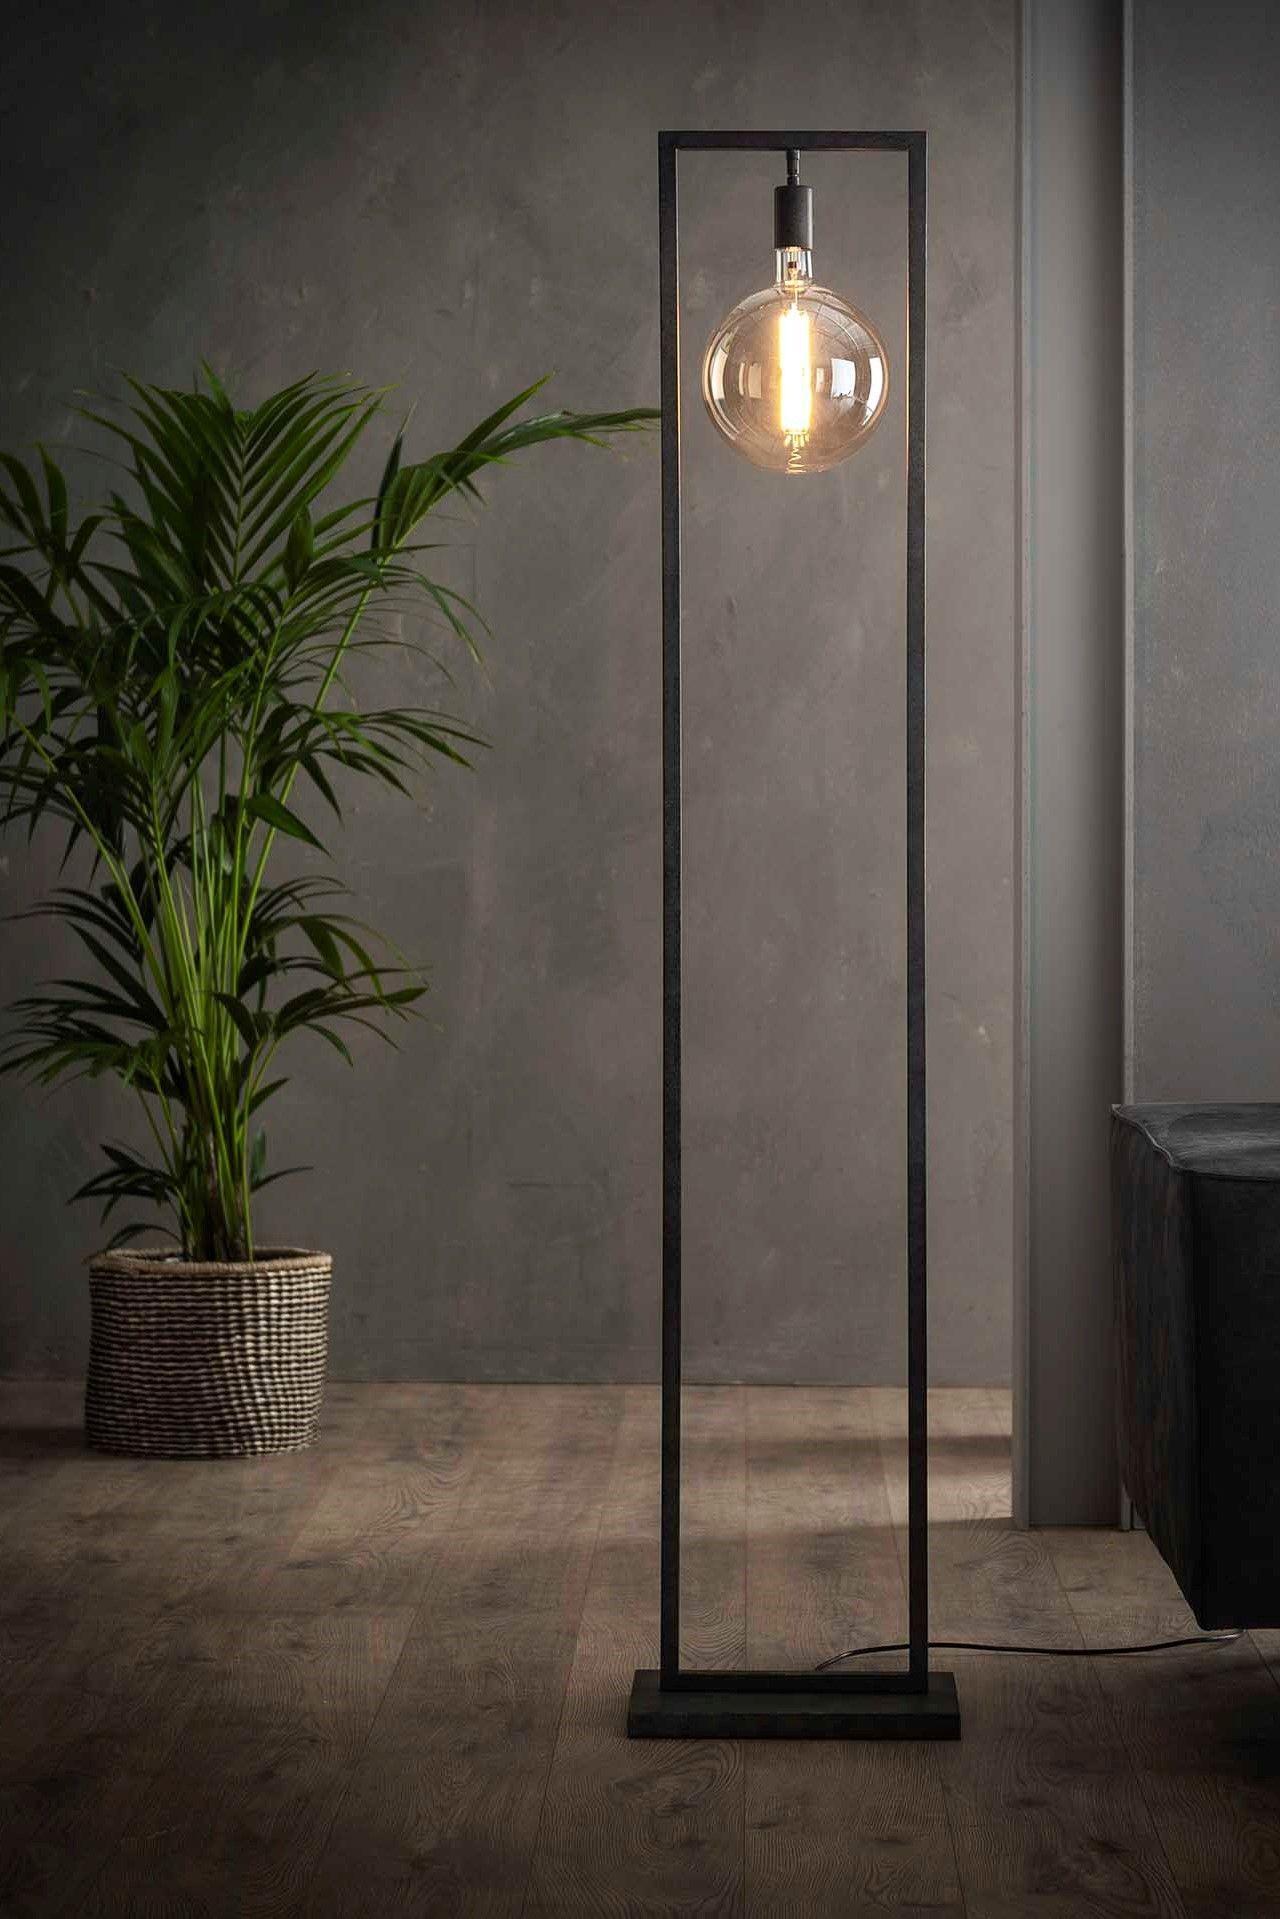 Stehlampe Sky Schreibtisch Lampe Ideen Jeder Schreibtisch Sollte Mit Einem Dekoriert Werden Worum Geht Es In Unserer Li In 2020 Stehlampe Wohnzimmer Stehlampe Lampe